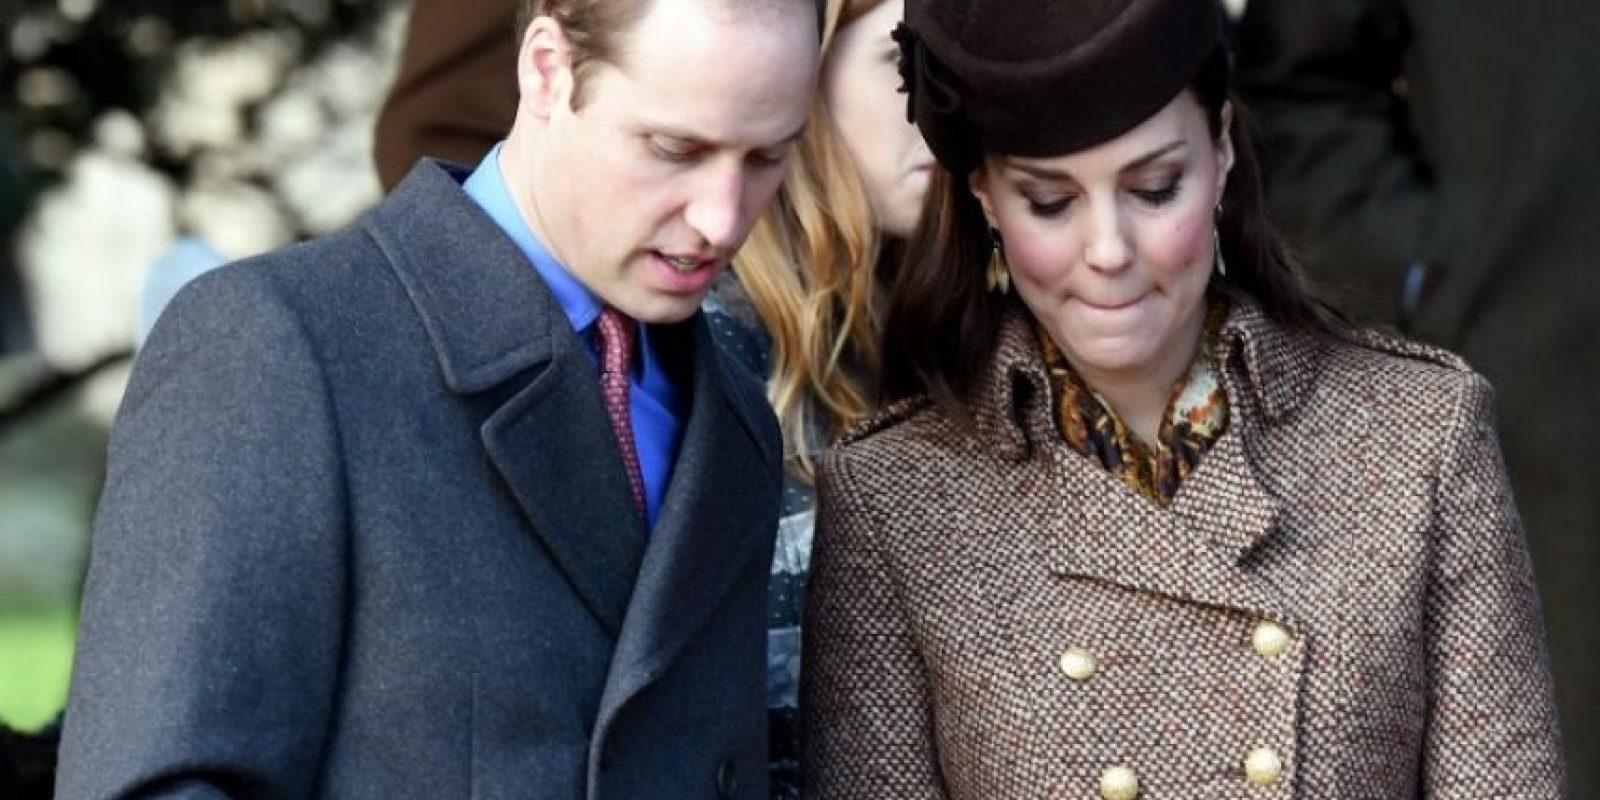 La duquesa de Cambridge espera a su segundo bebé. Foto:AFP